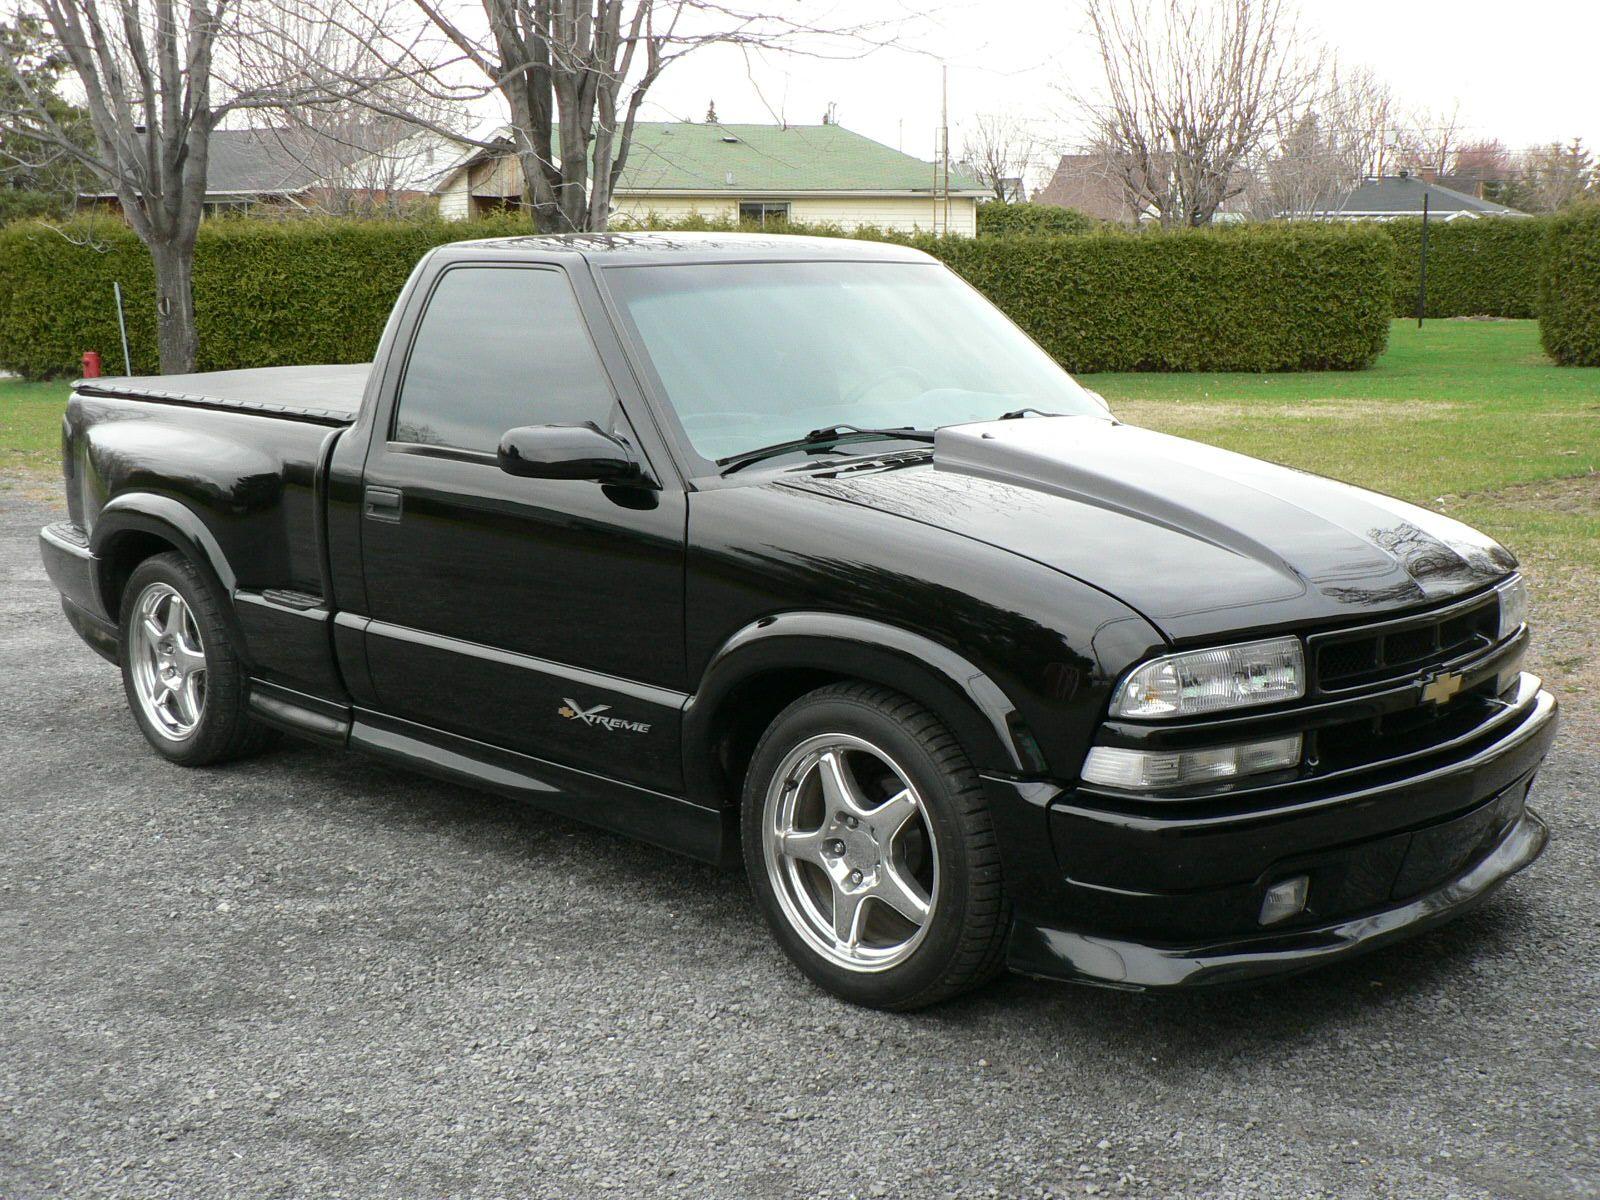 Jean Pierre S 1999 Chevrolet S 10 2 Dr Ls Xtreme Standard Cab Sb